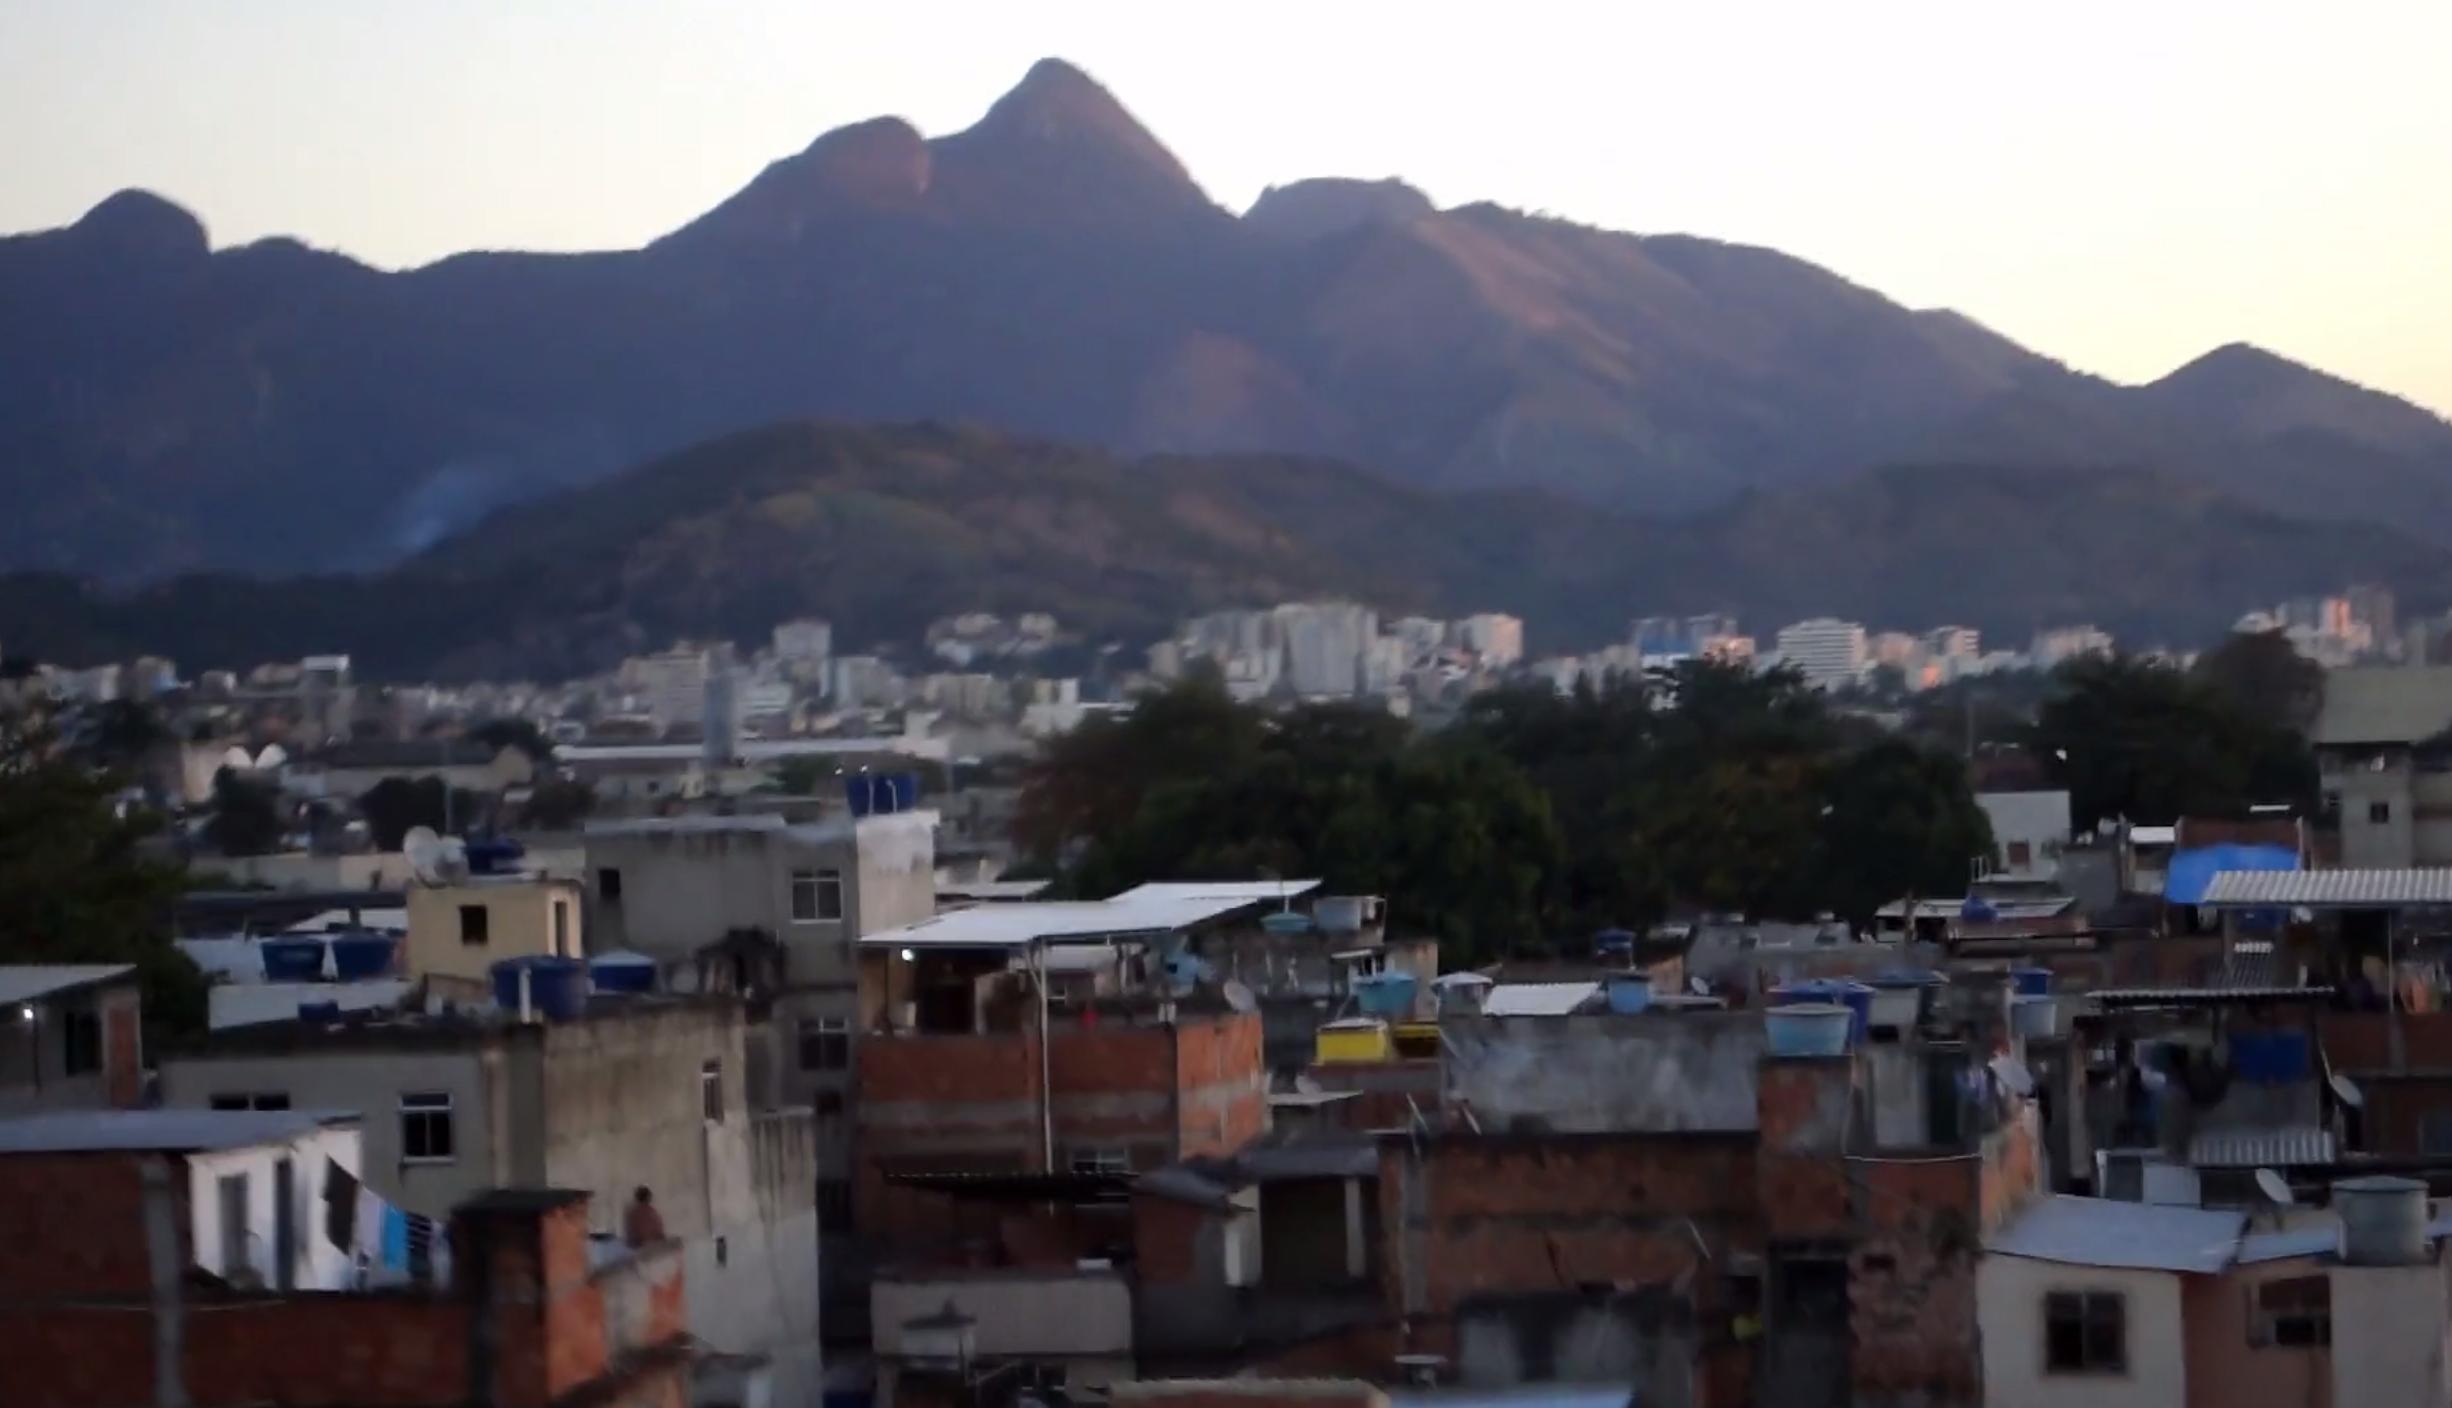 Casa das Laranjas - Documentary